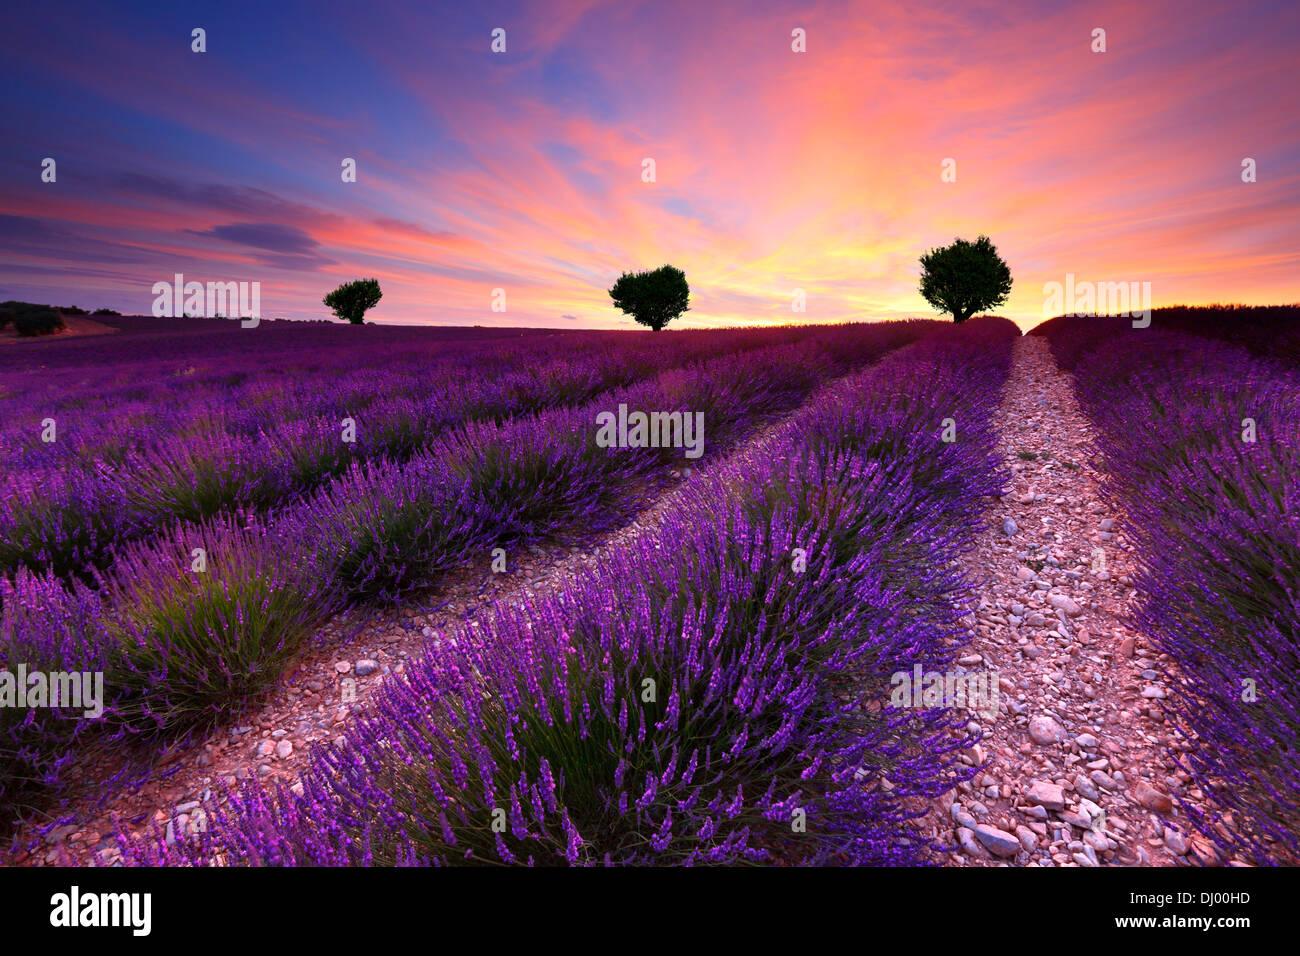 Drei auf dem Hügel im Lavendelfeld bei Sonnenuntergang. Frankreich-Provence. Stockfoto